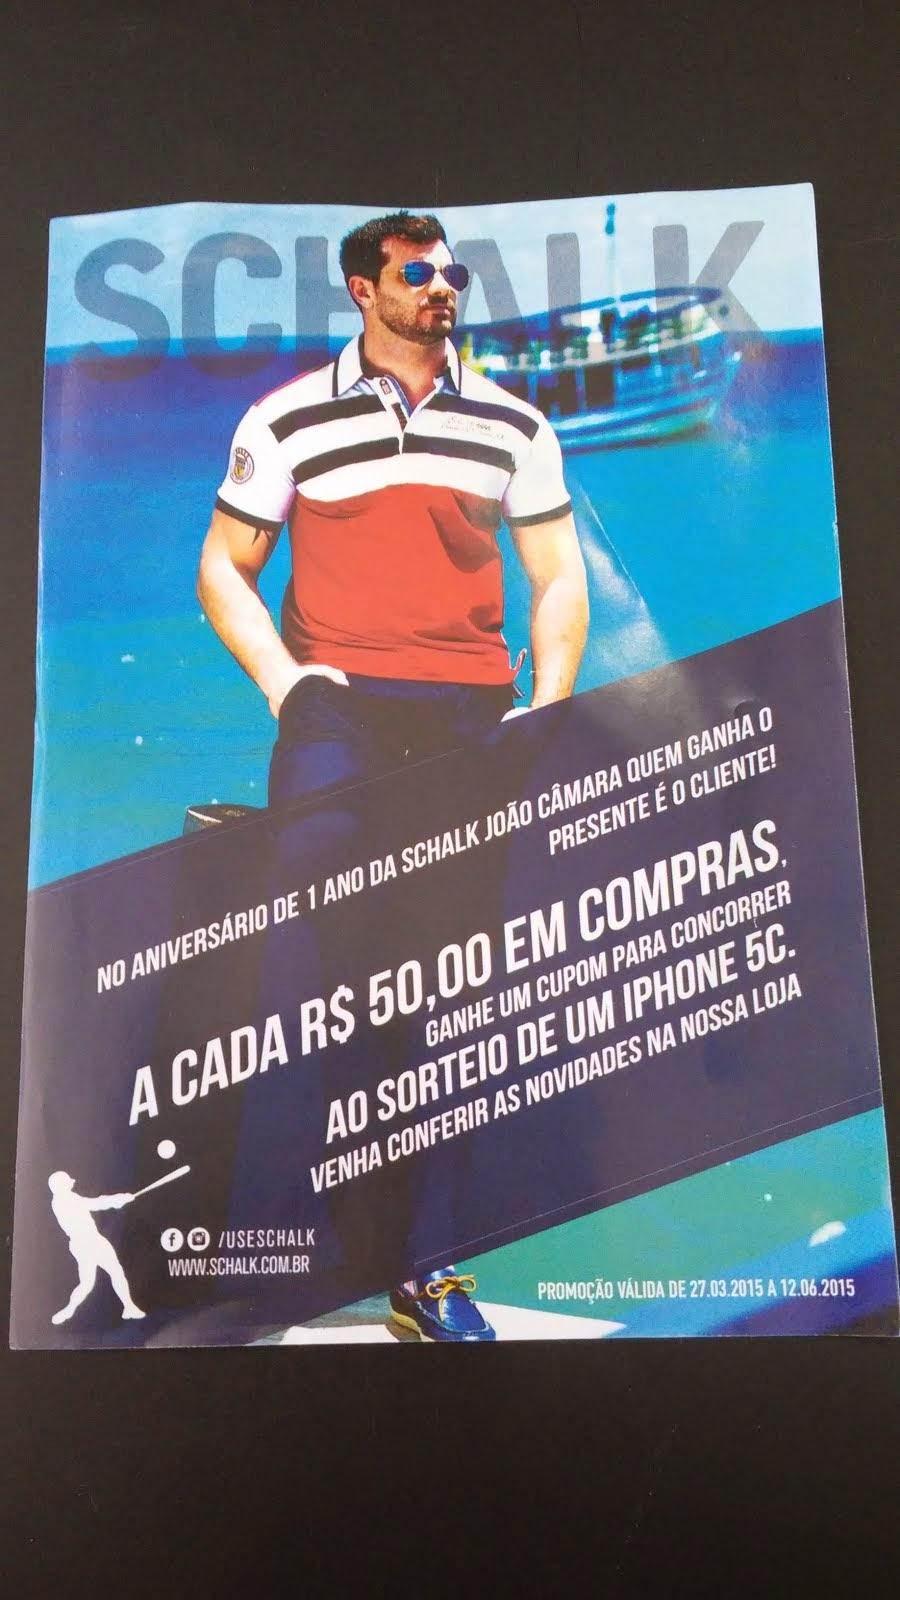 No aniversário de 1 ano da Schalk João Câmara quem ganha o presente é o cliente.